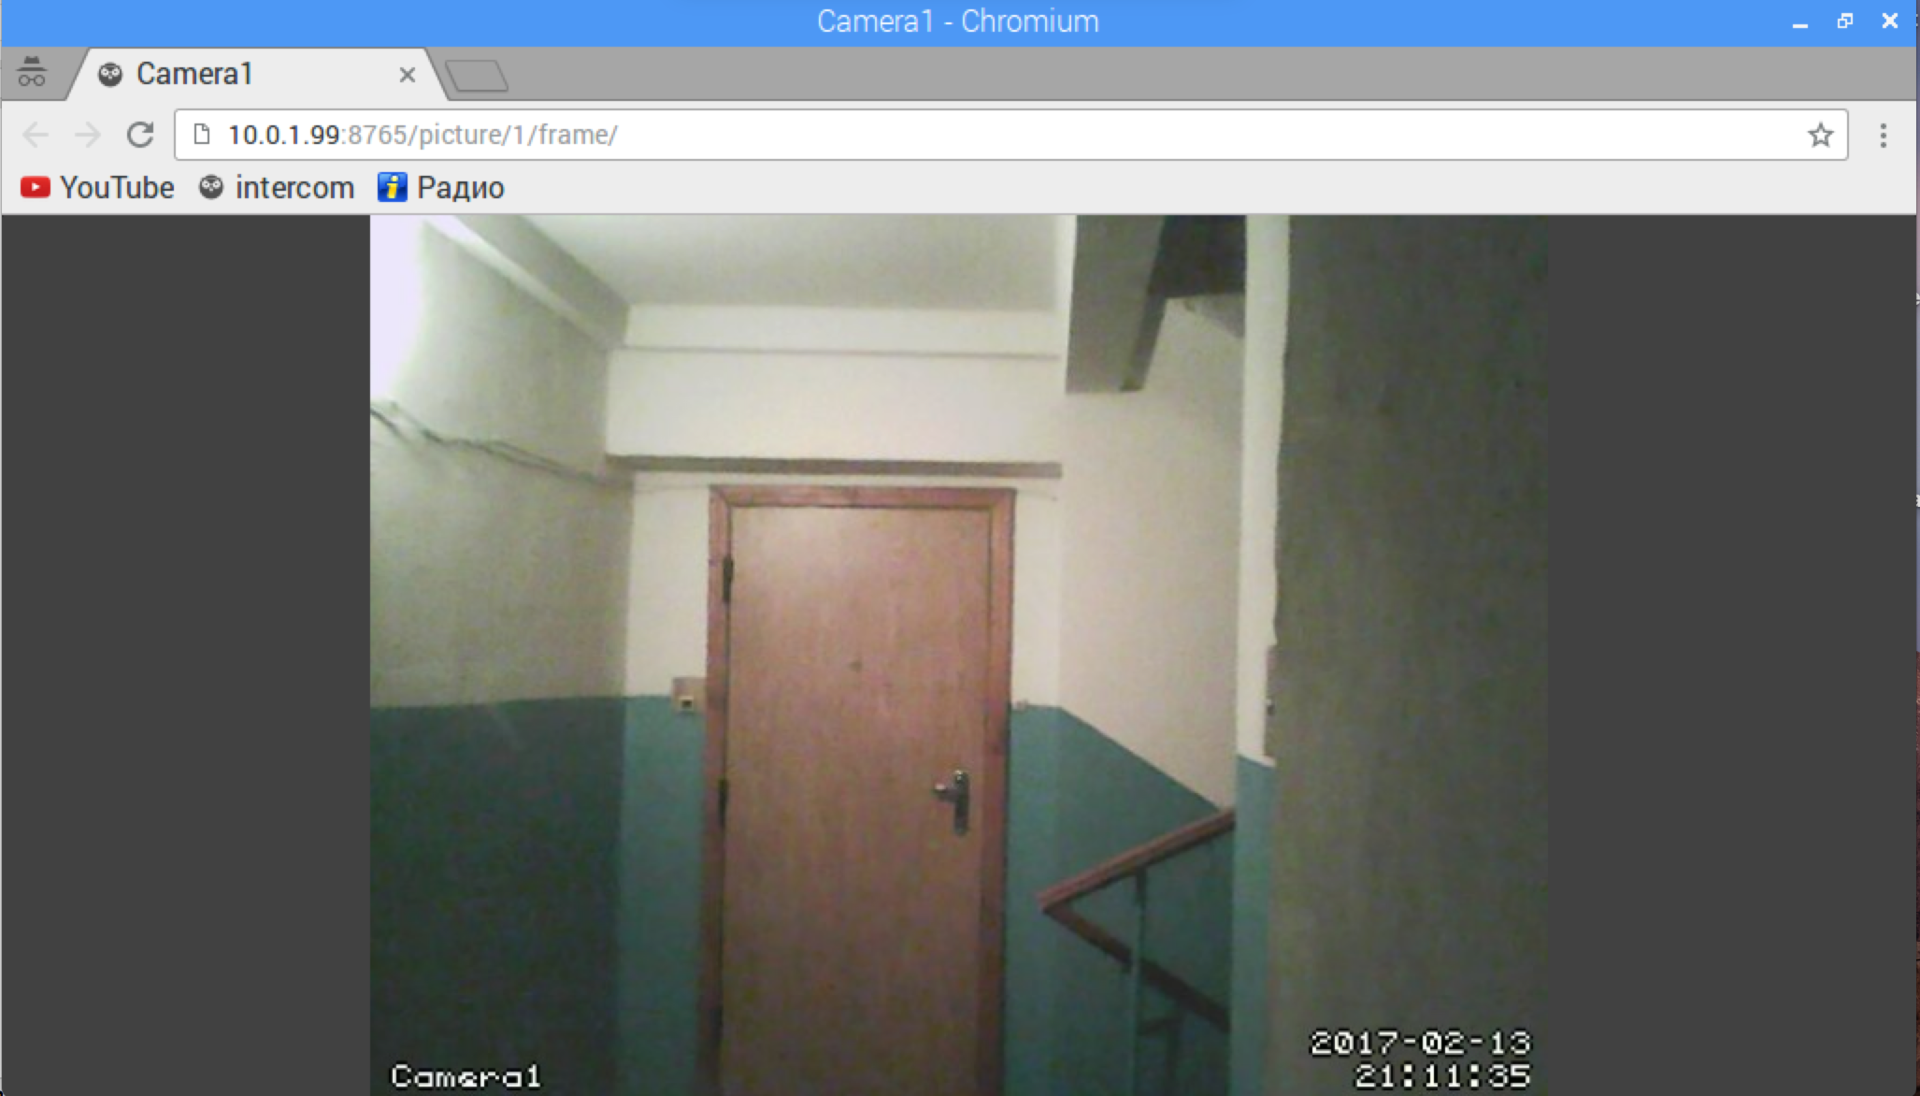 Система ограниченного доступа и видеонаблюдения на Raspberry PI - 4